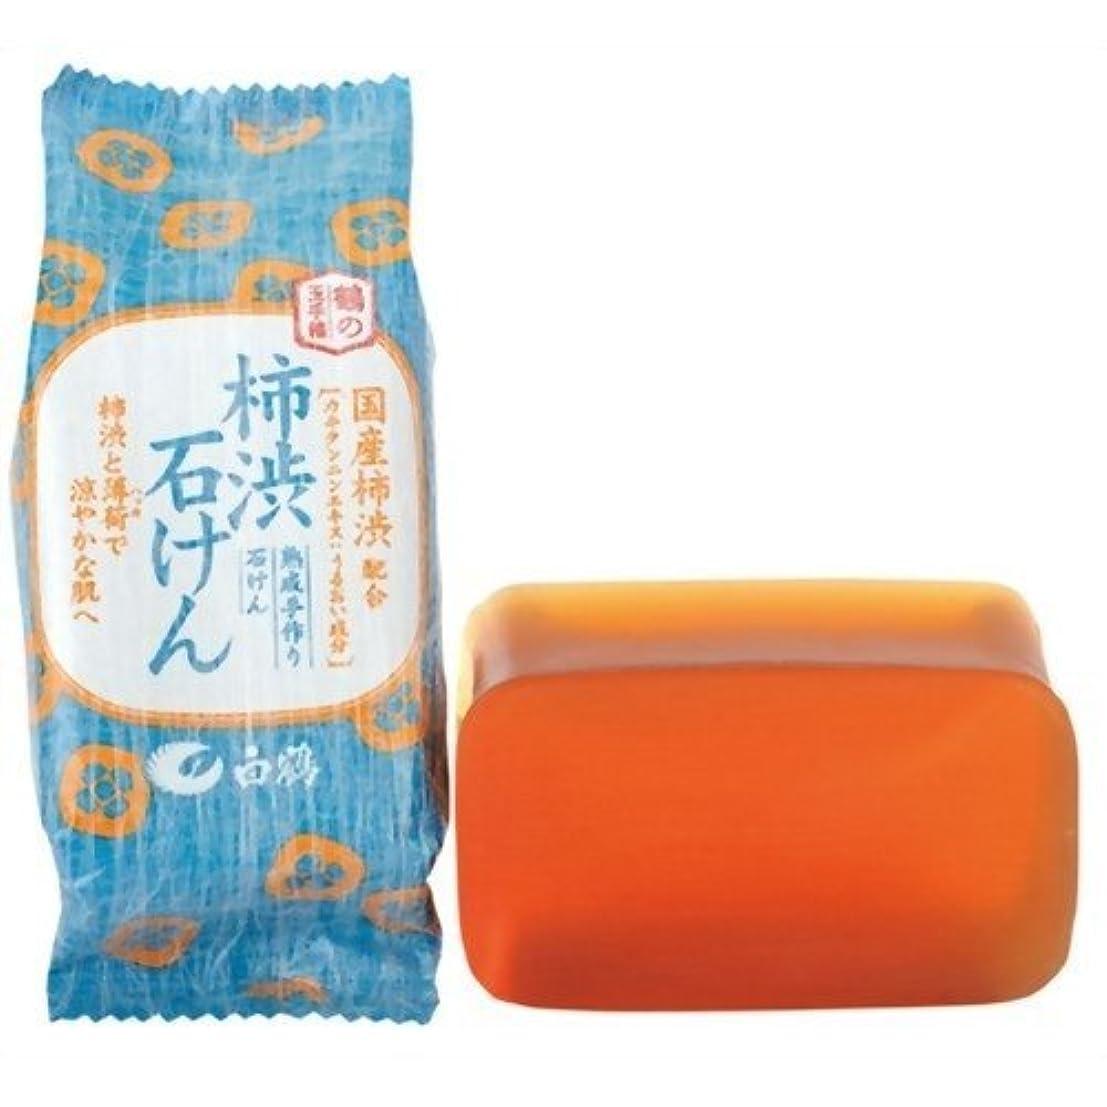 アンティーク構成する誠実白鶴 鶴の玉手箱 薬用 柿渋石けん 110g × 5個